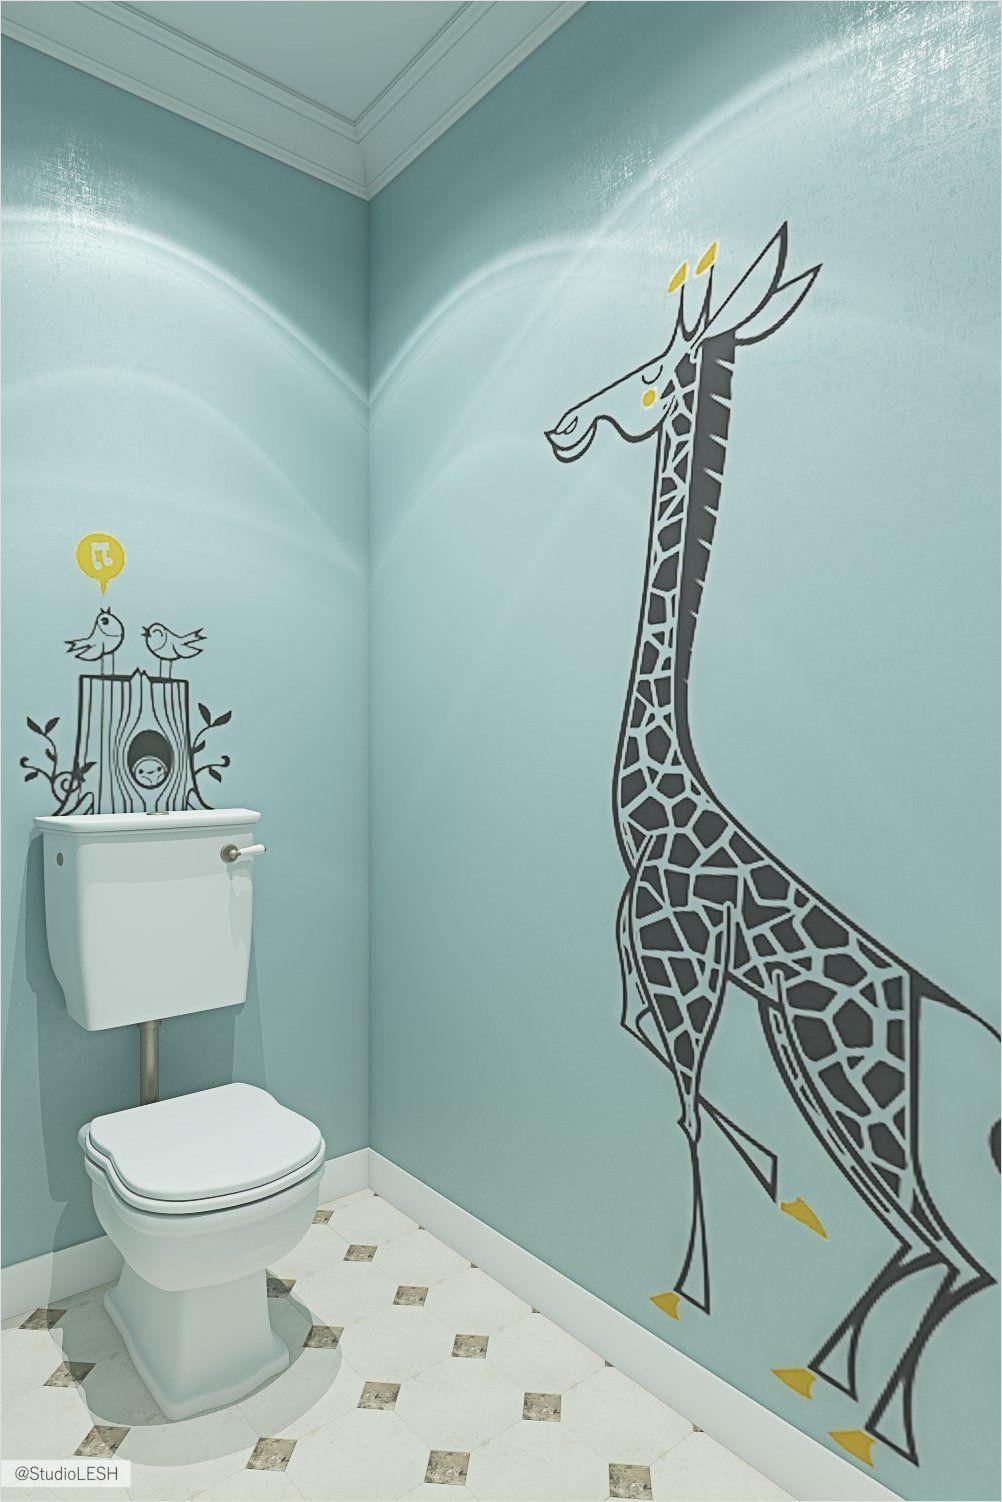 Прикольные рисунки на стенах комнат